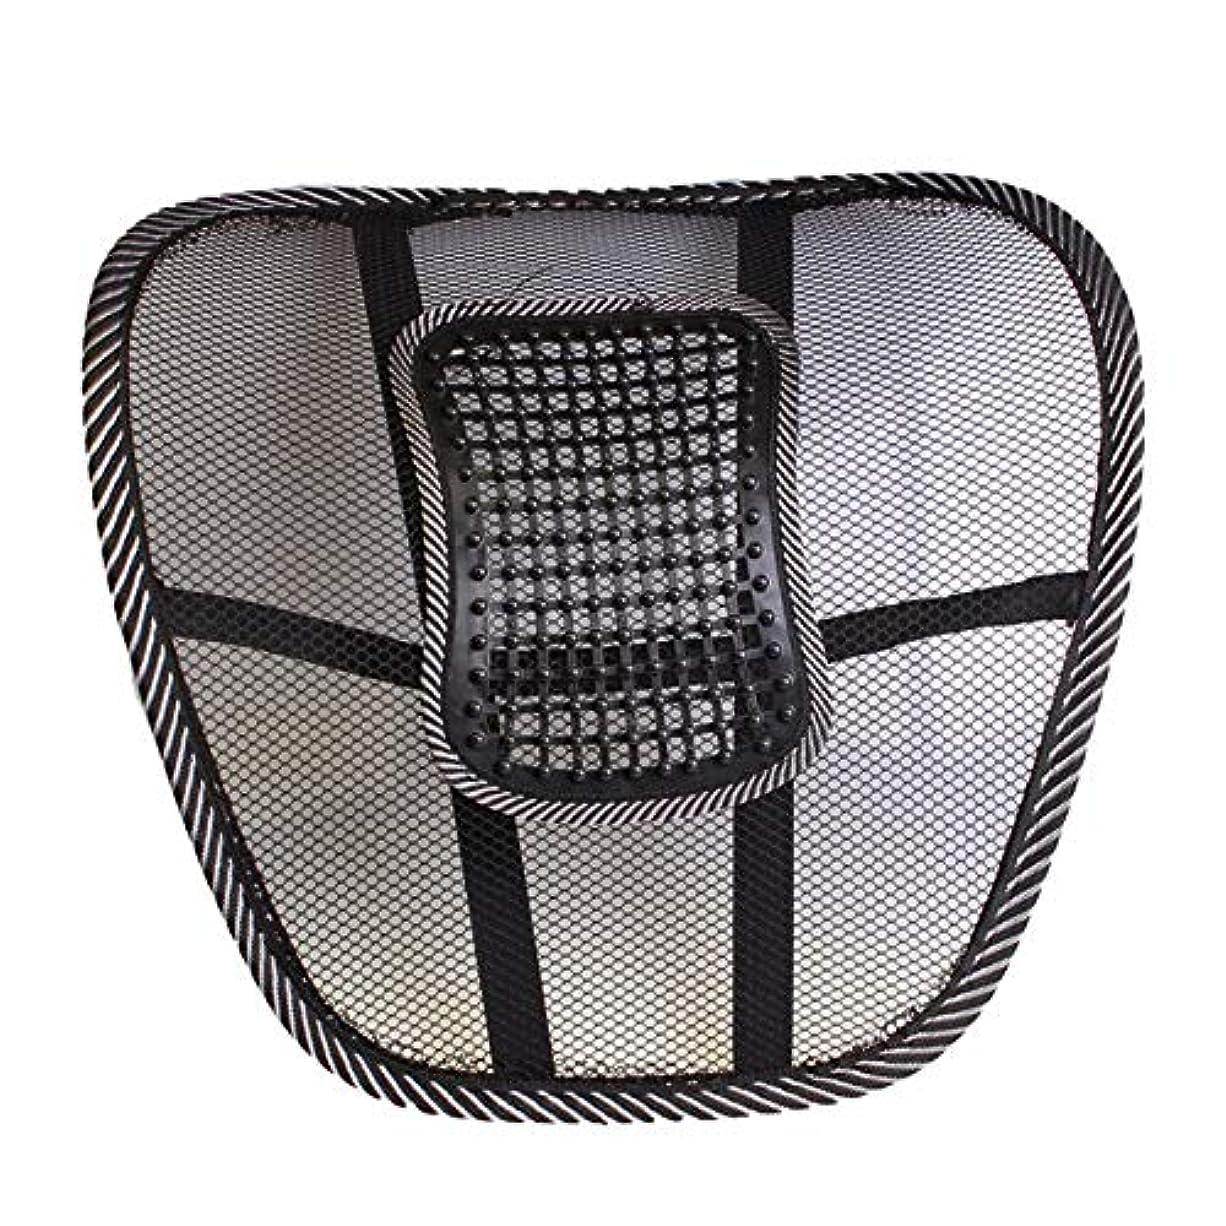 不安定アヒルヘビーメッシュカバー付き腰椎サポートクッション腰痛緩和のためのバランスのとれた硬さ - 理想的なバックピロー